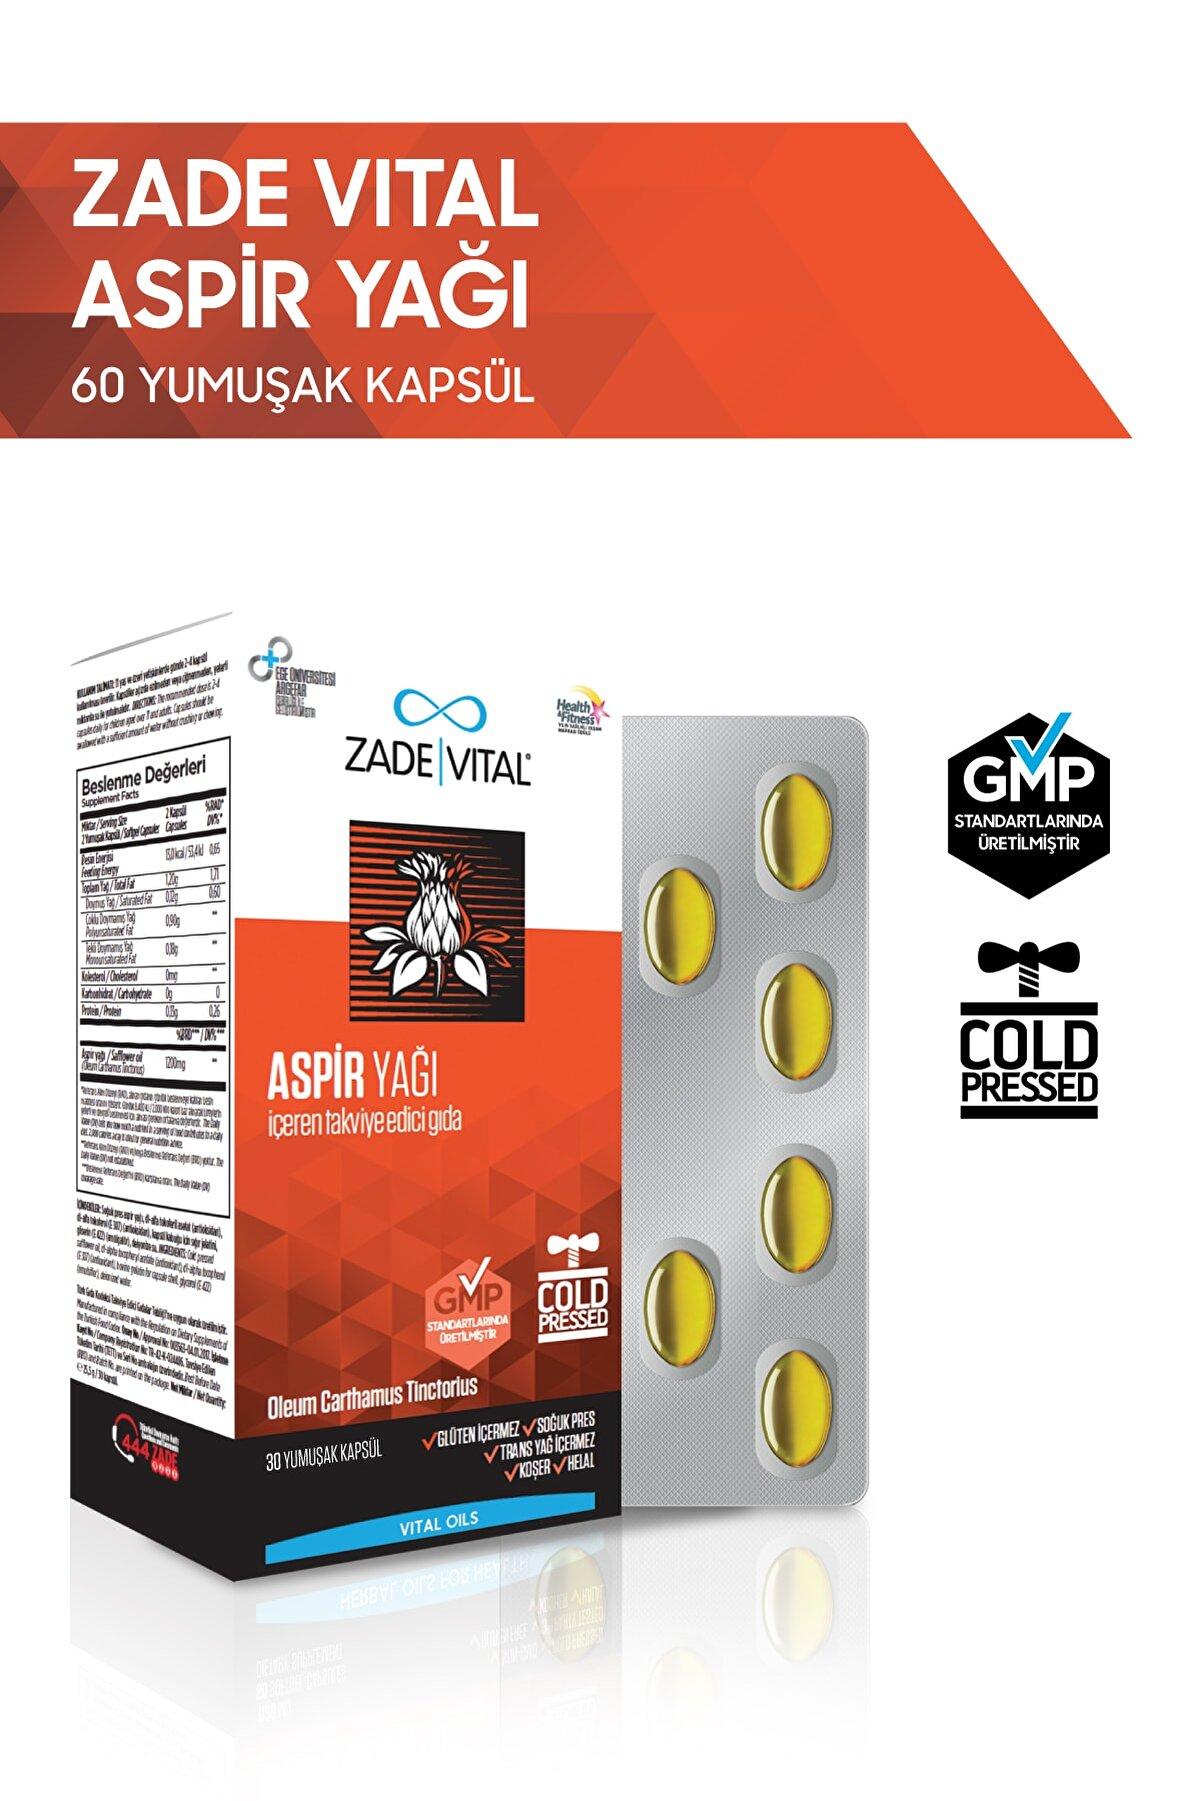 Zade Vital Aspir Yağı Blister 60 Kapsül